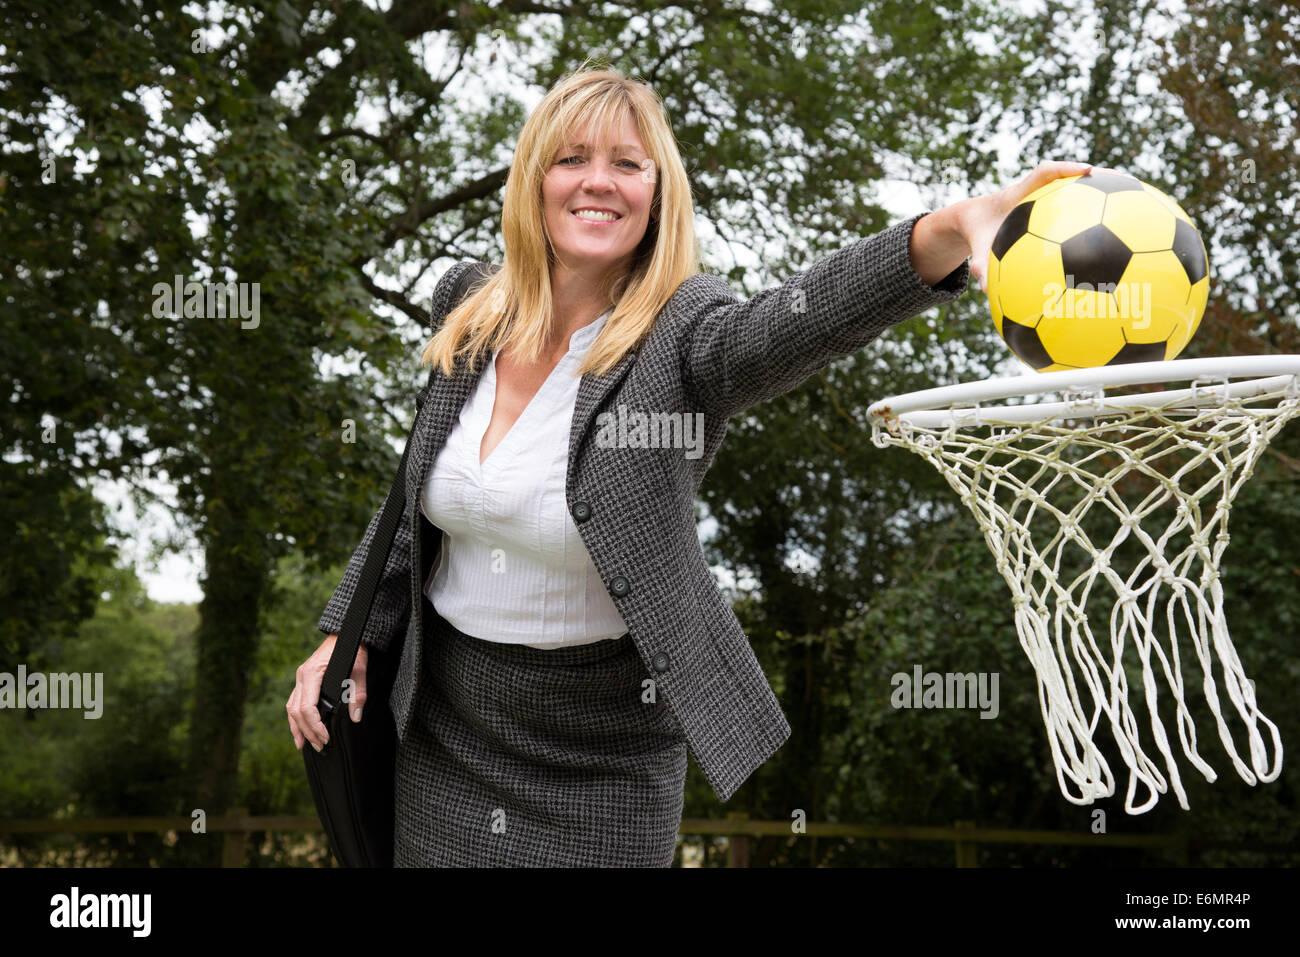 La empresaria alcanzar su meta bajando una pelota en una red Imagen De Stock